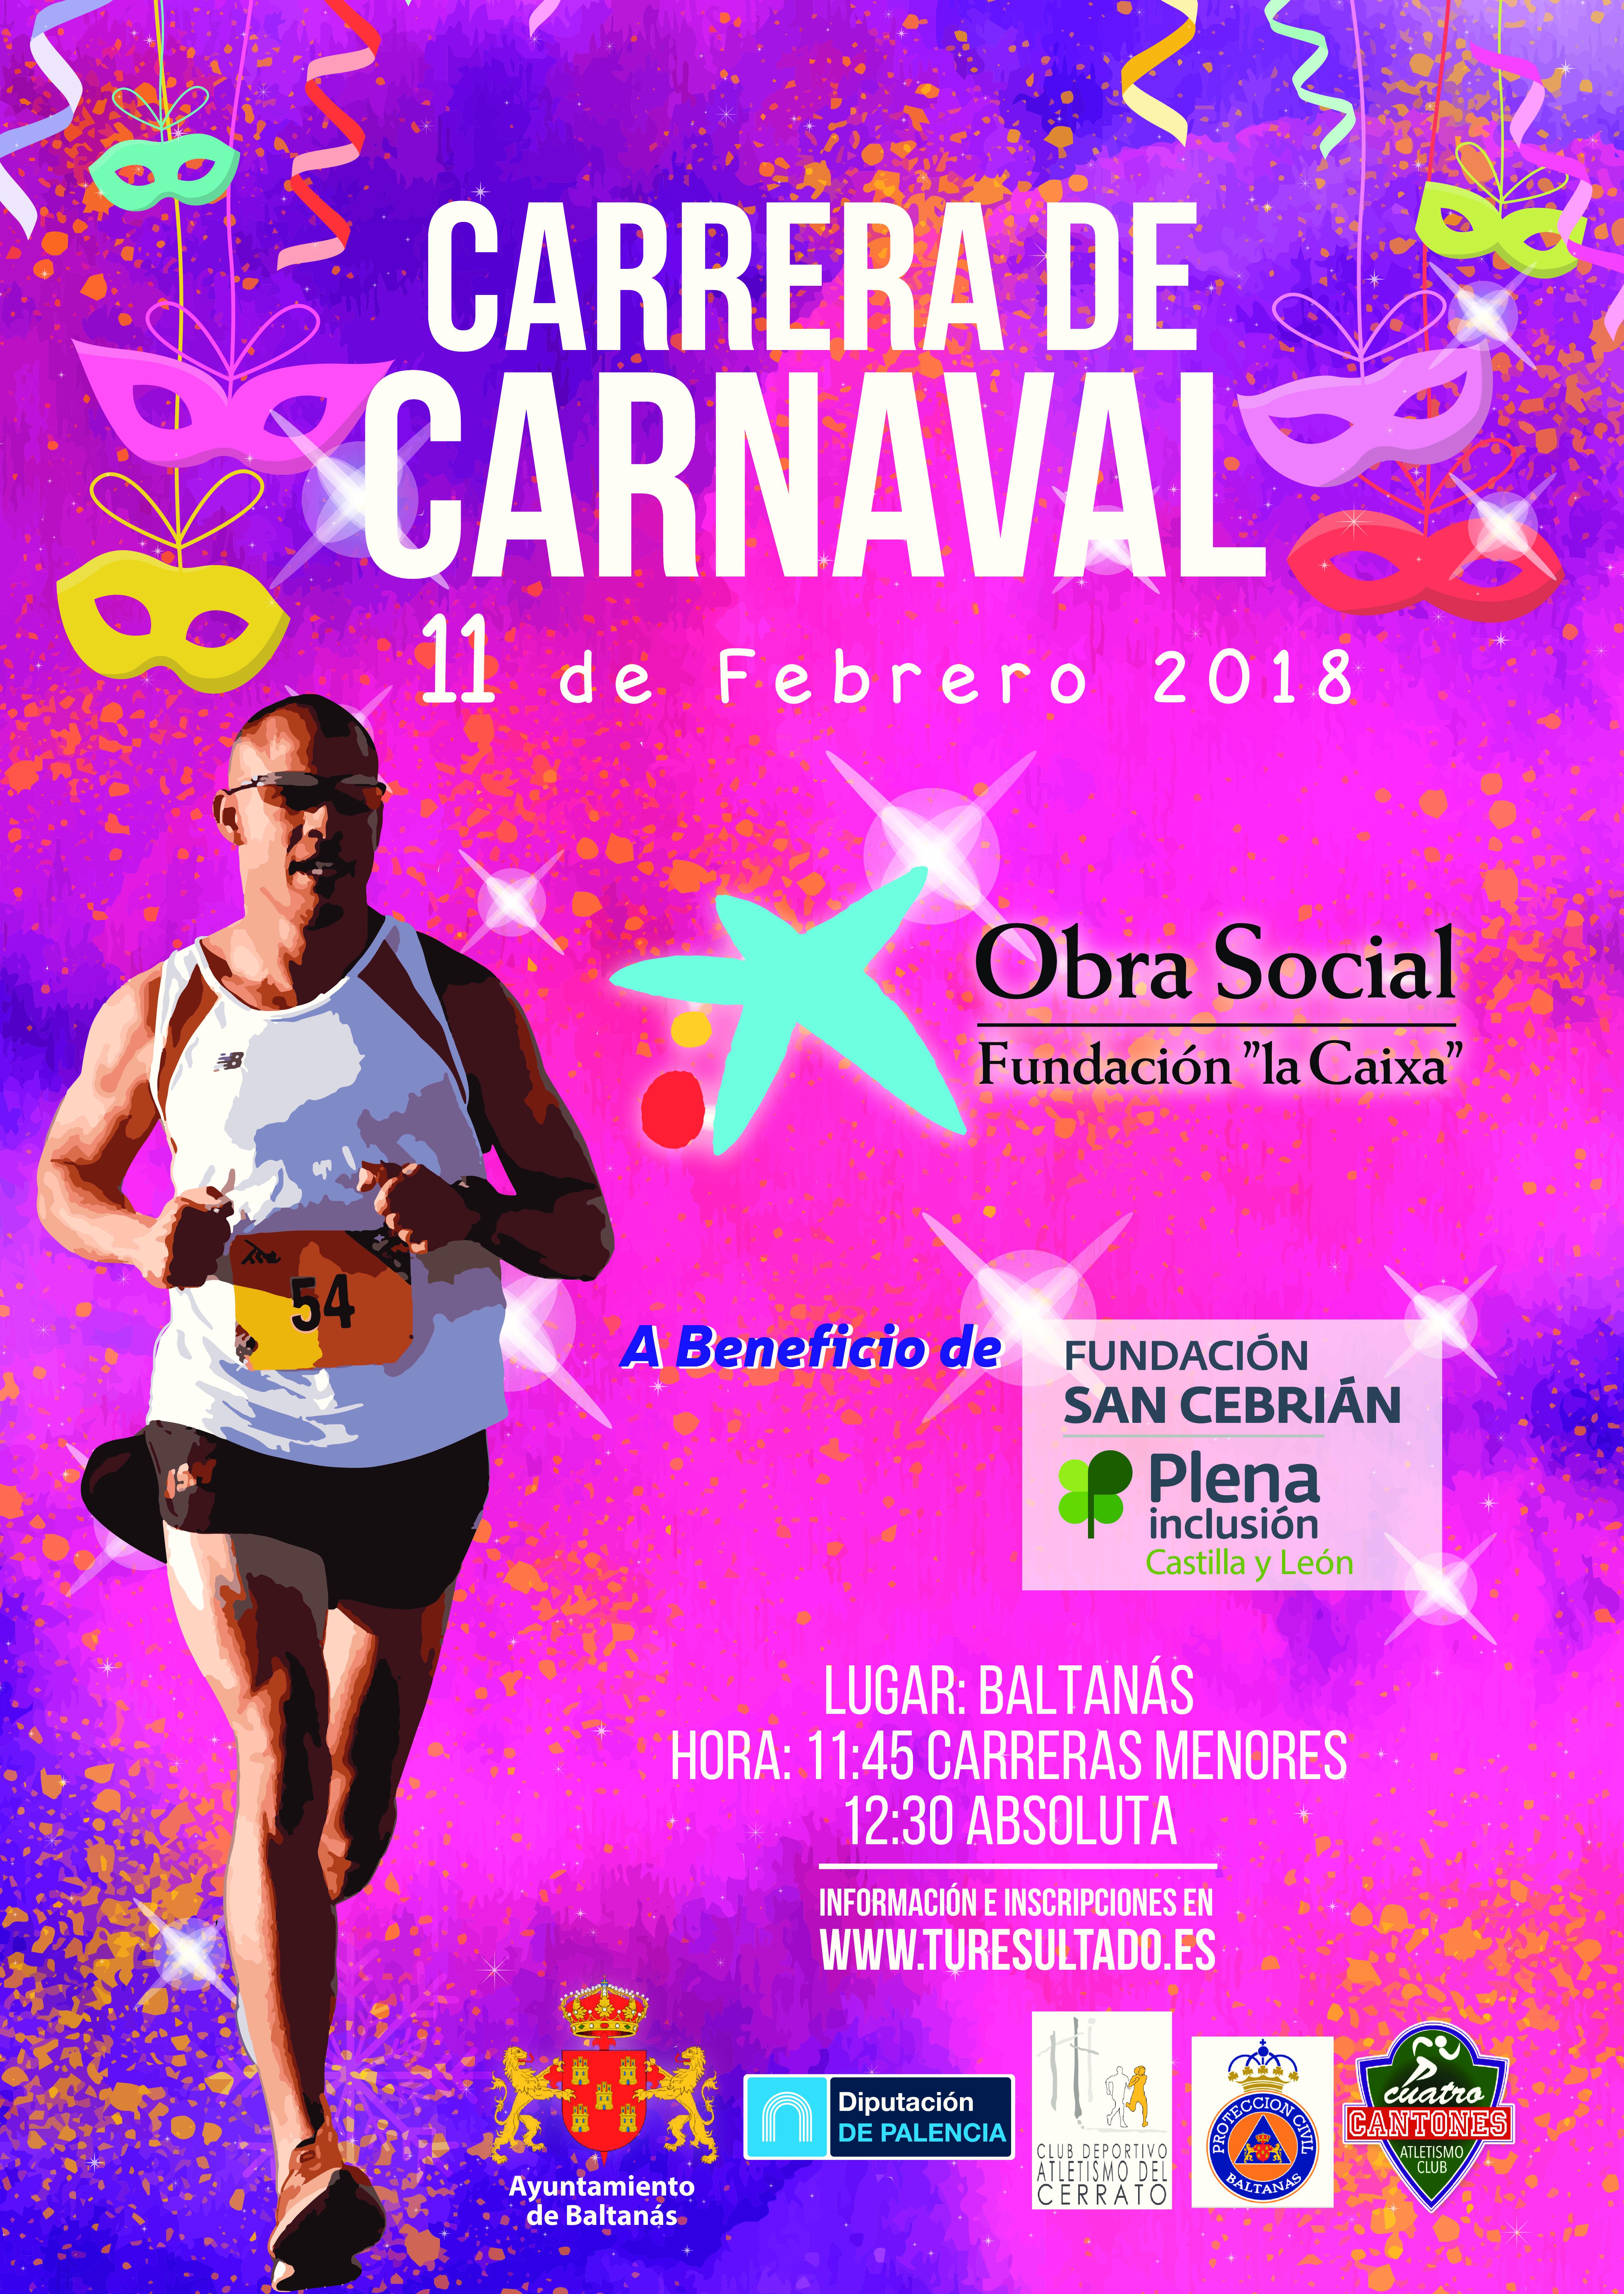 REGLAMENTO, INSCRIPCIONES Y CIRCUITO CARRERA DE CARNAVAL 11 de Febrero